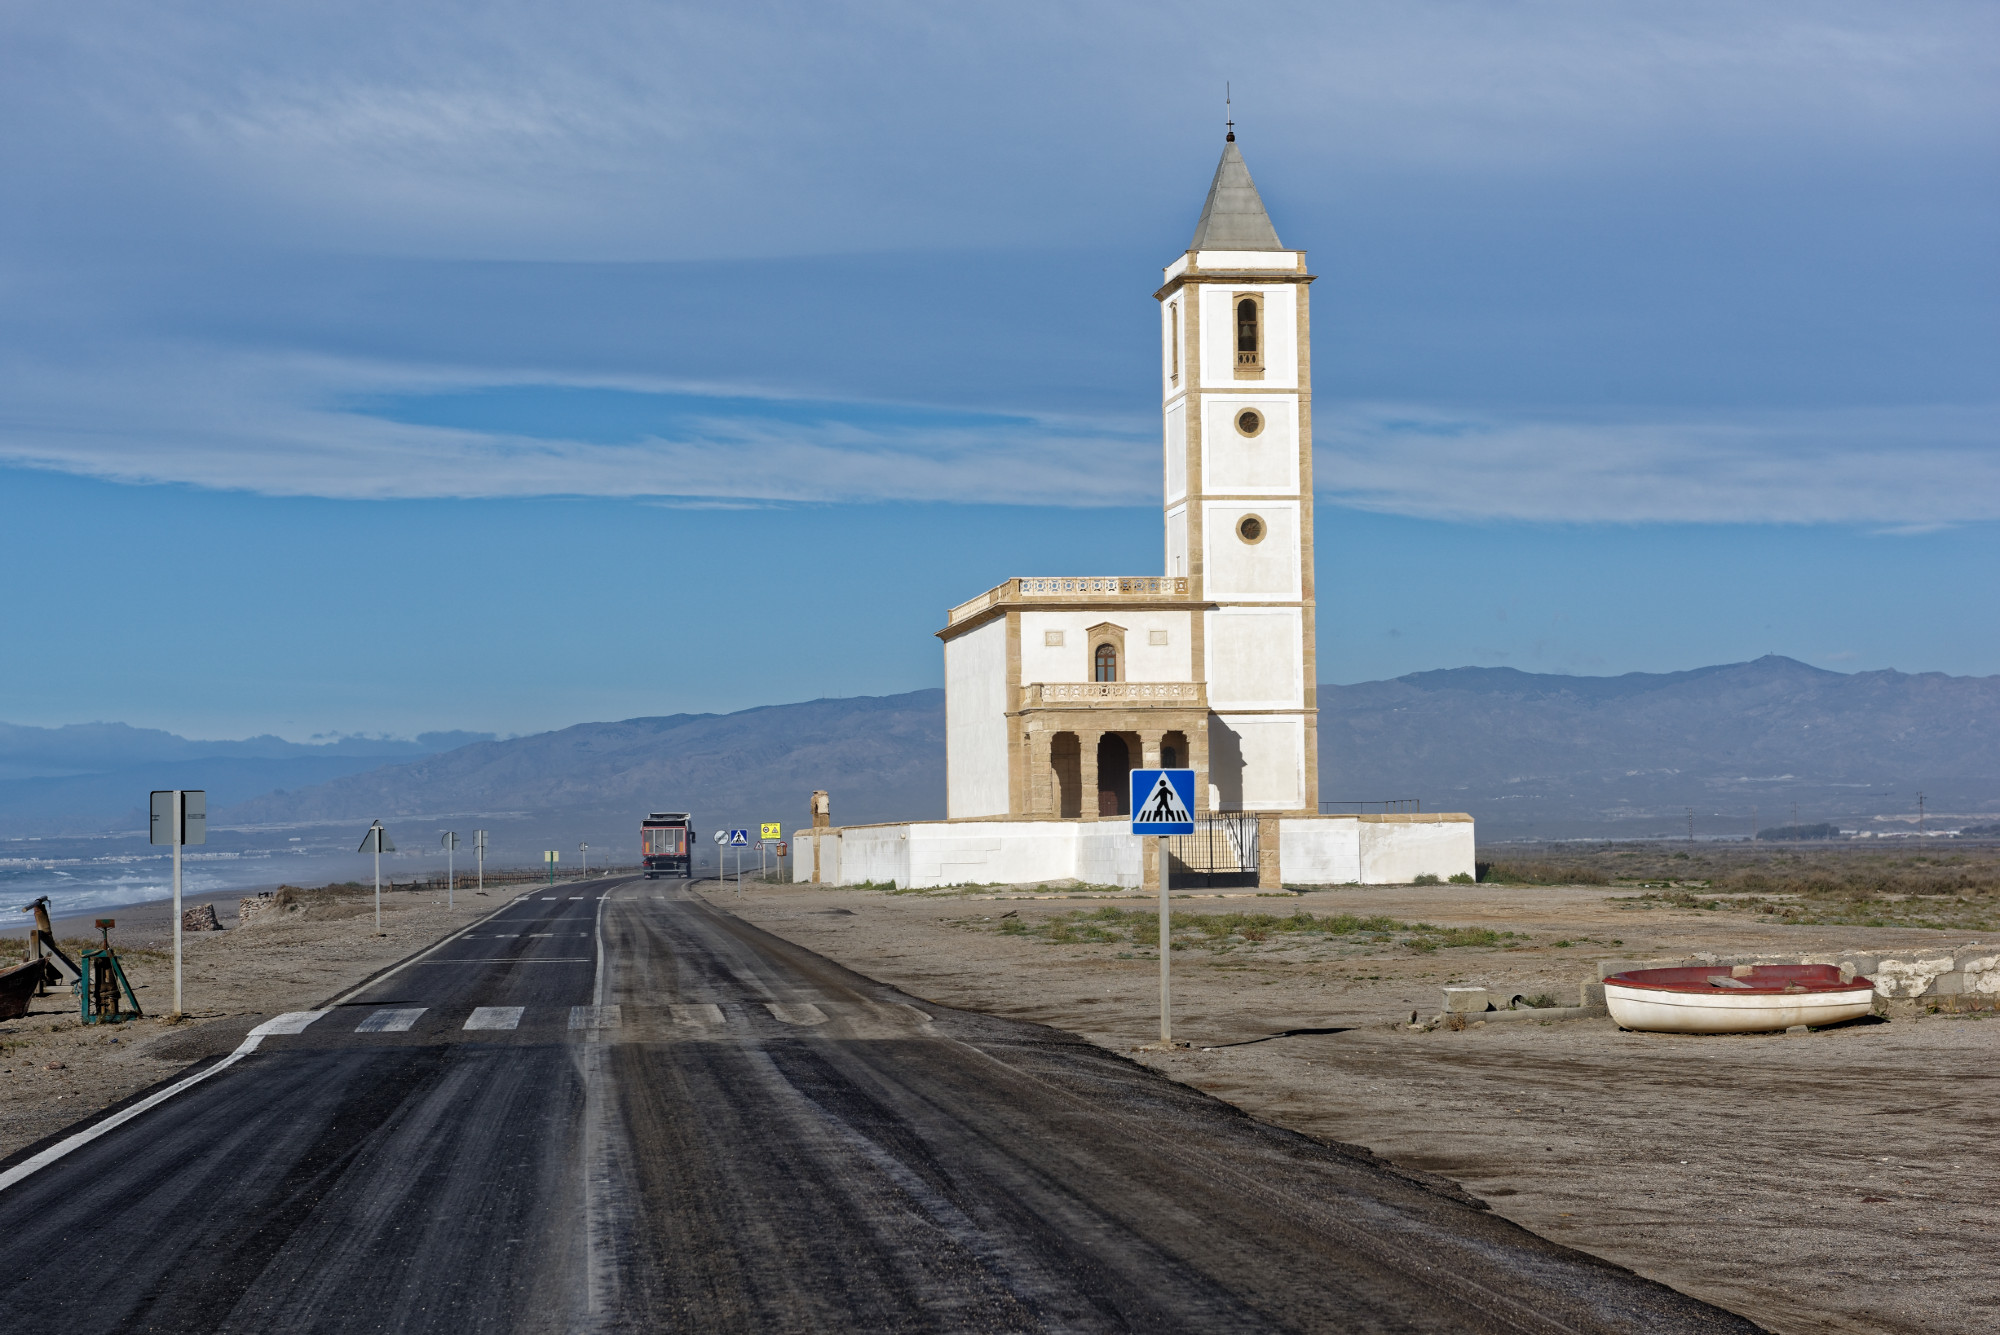 171215-La Almadraba de Montelava (Cabo de Gata - Andalousie) (10)